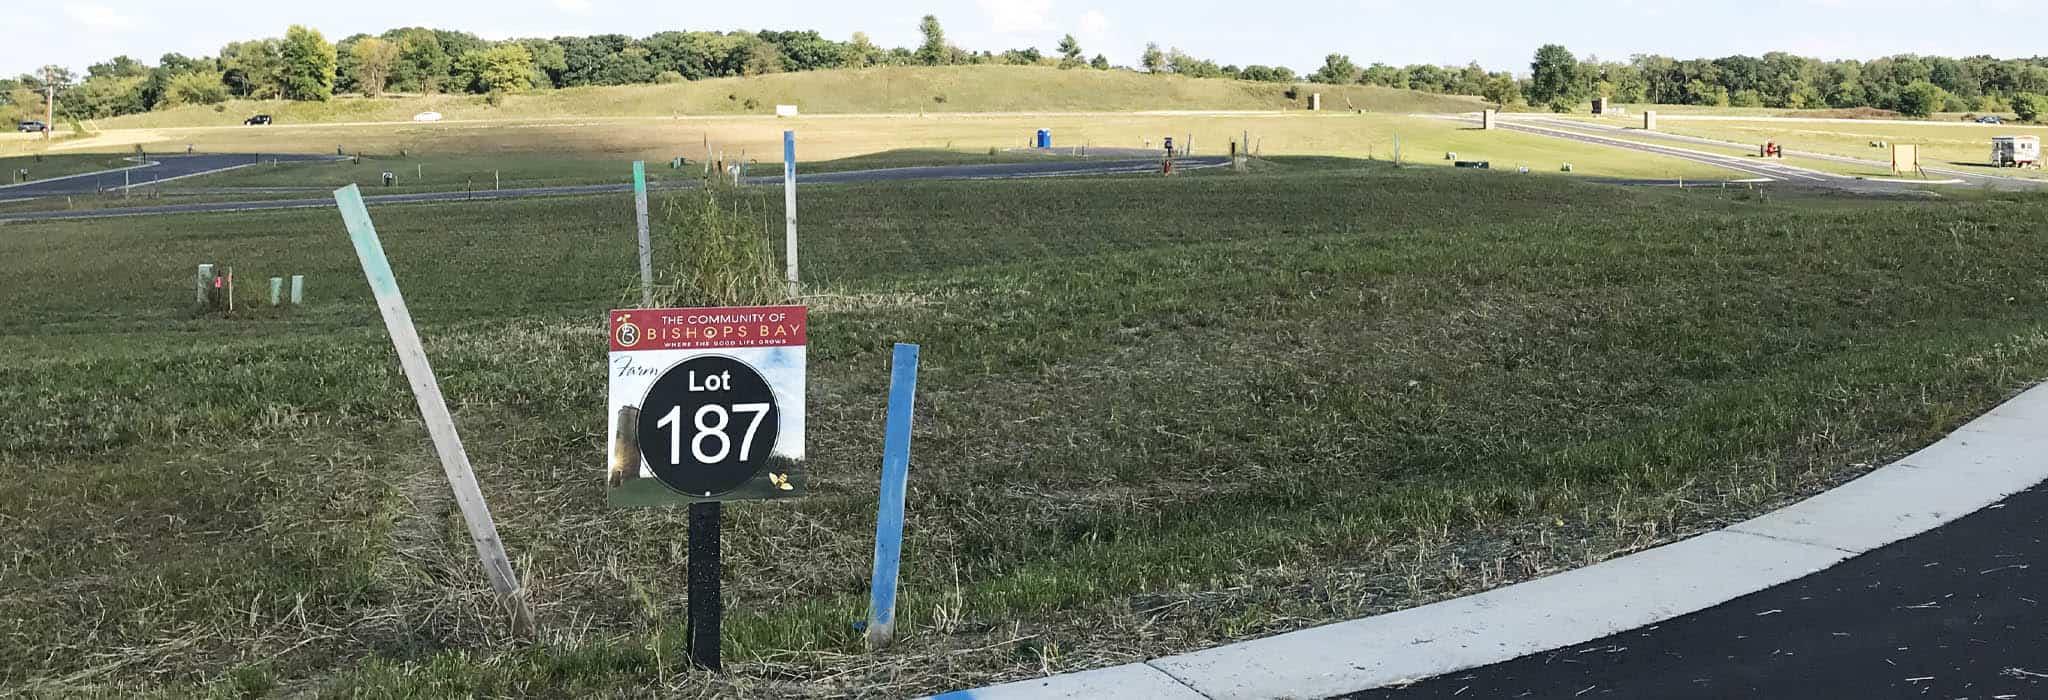 Farm Lot 187